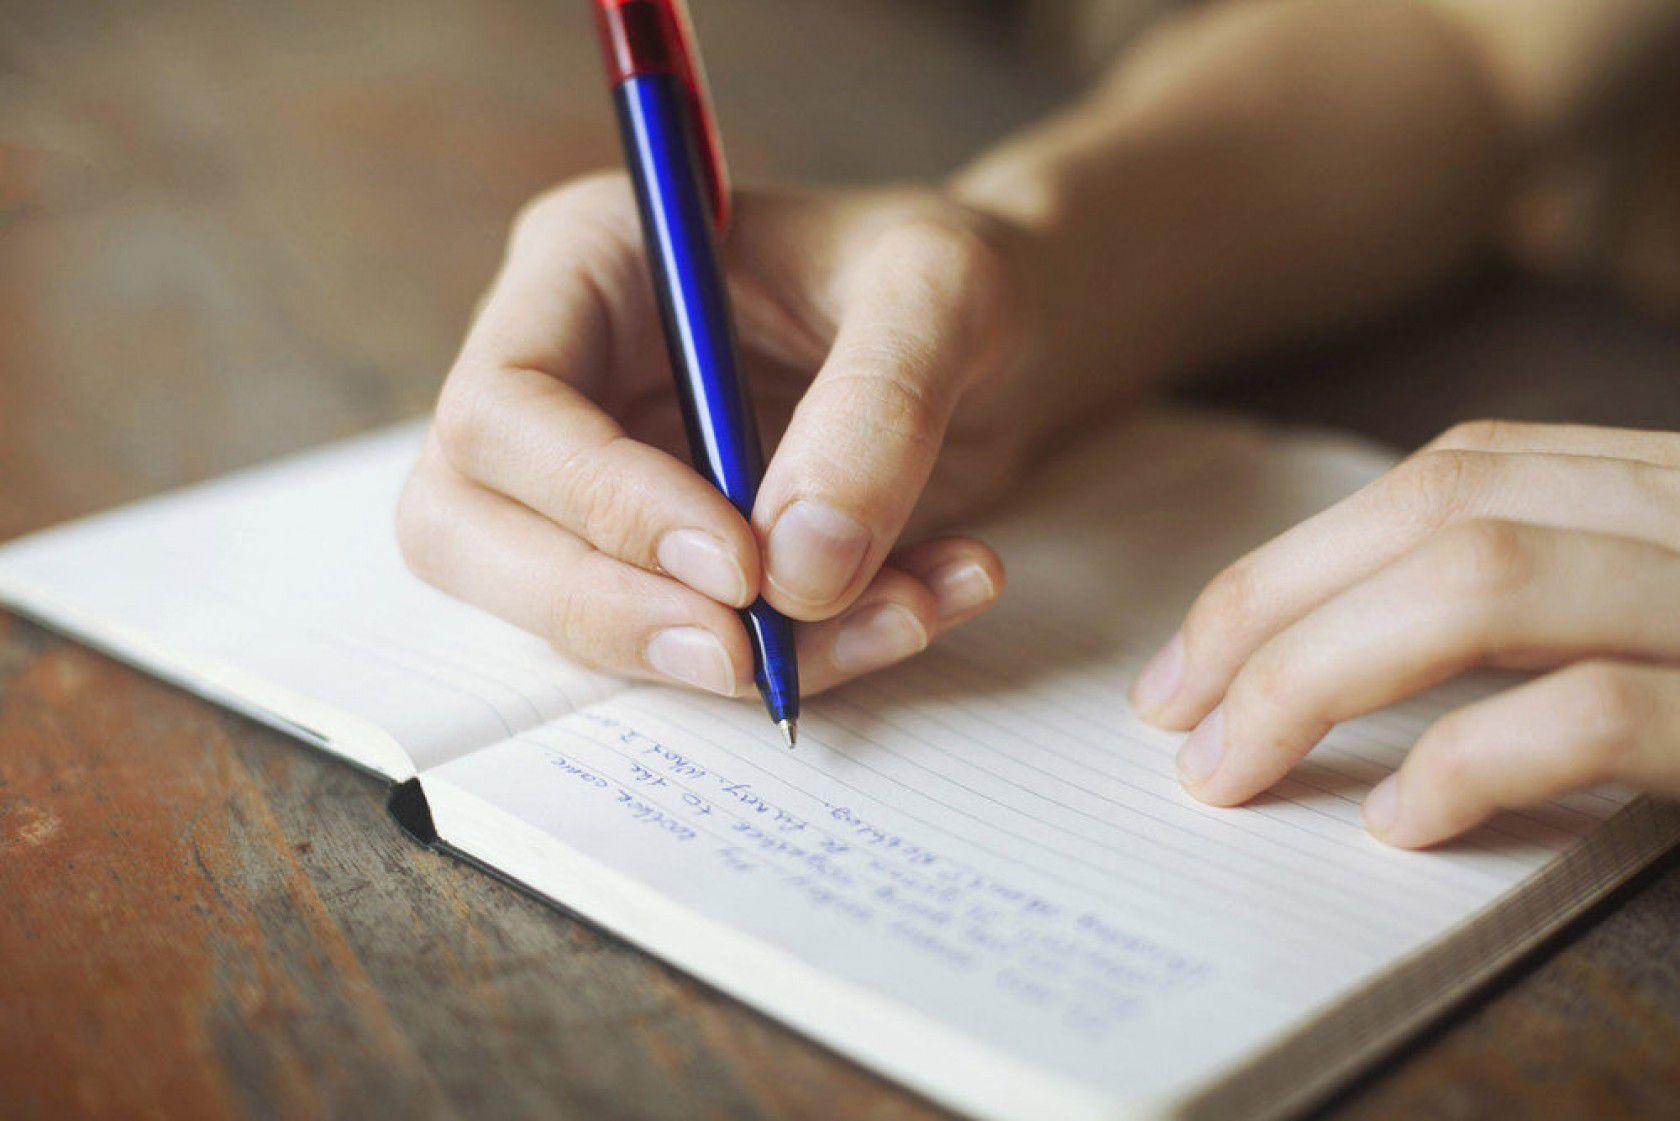 En iyi SAT hazırlık kitapları hangileridir? Ücretleri nedir?